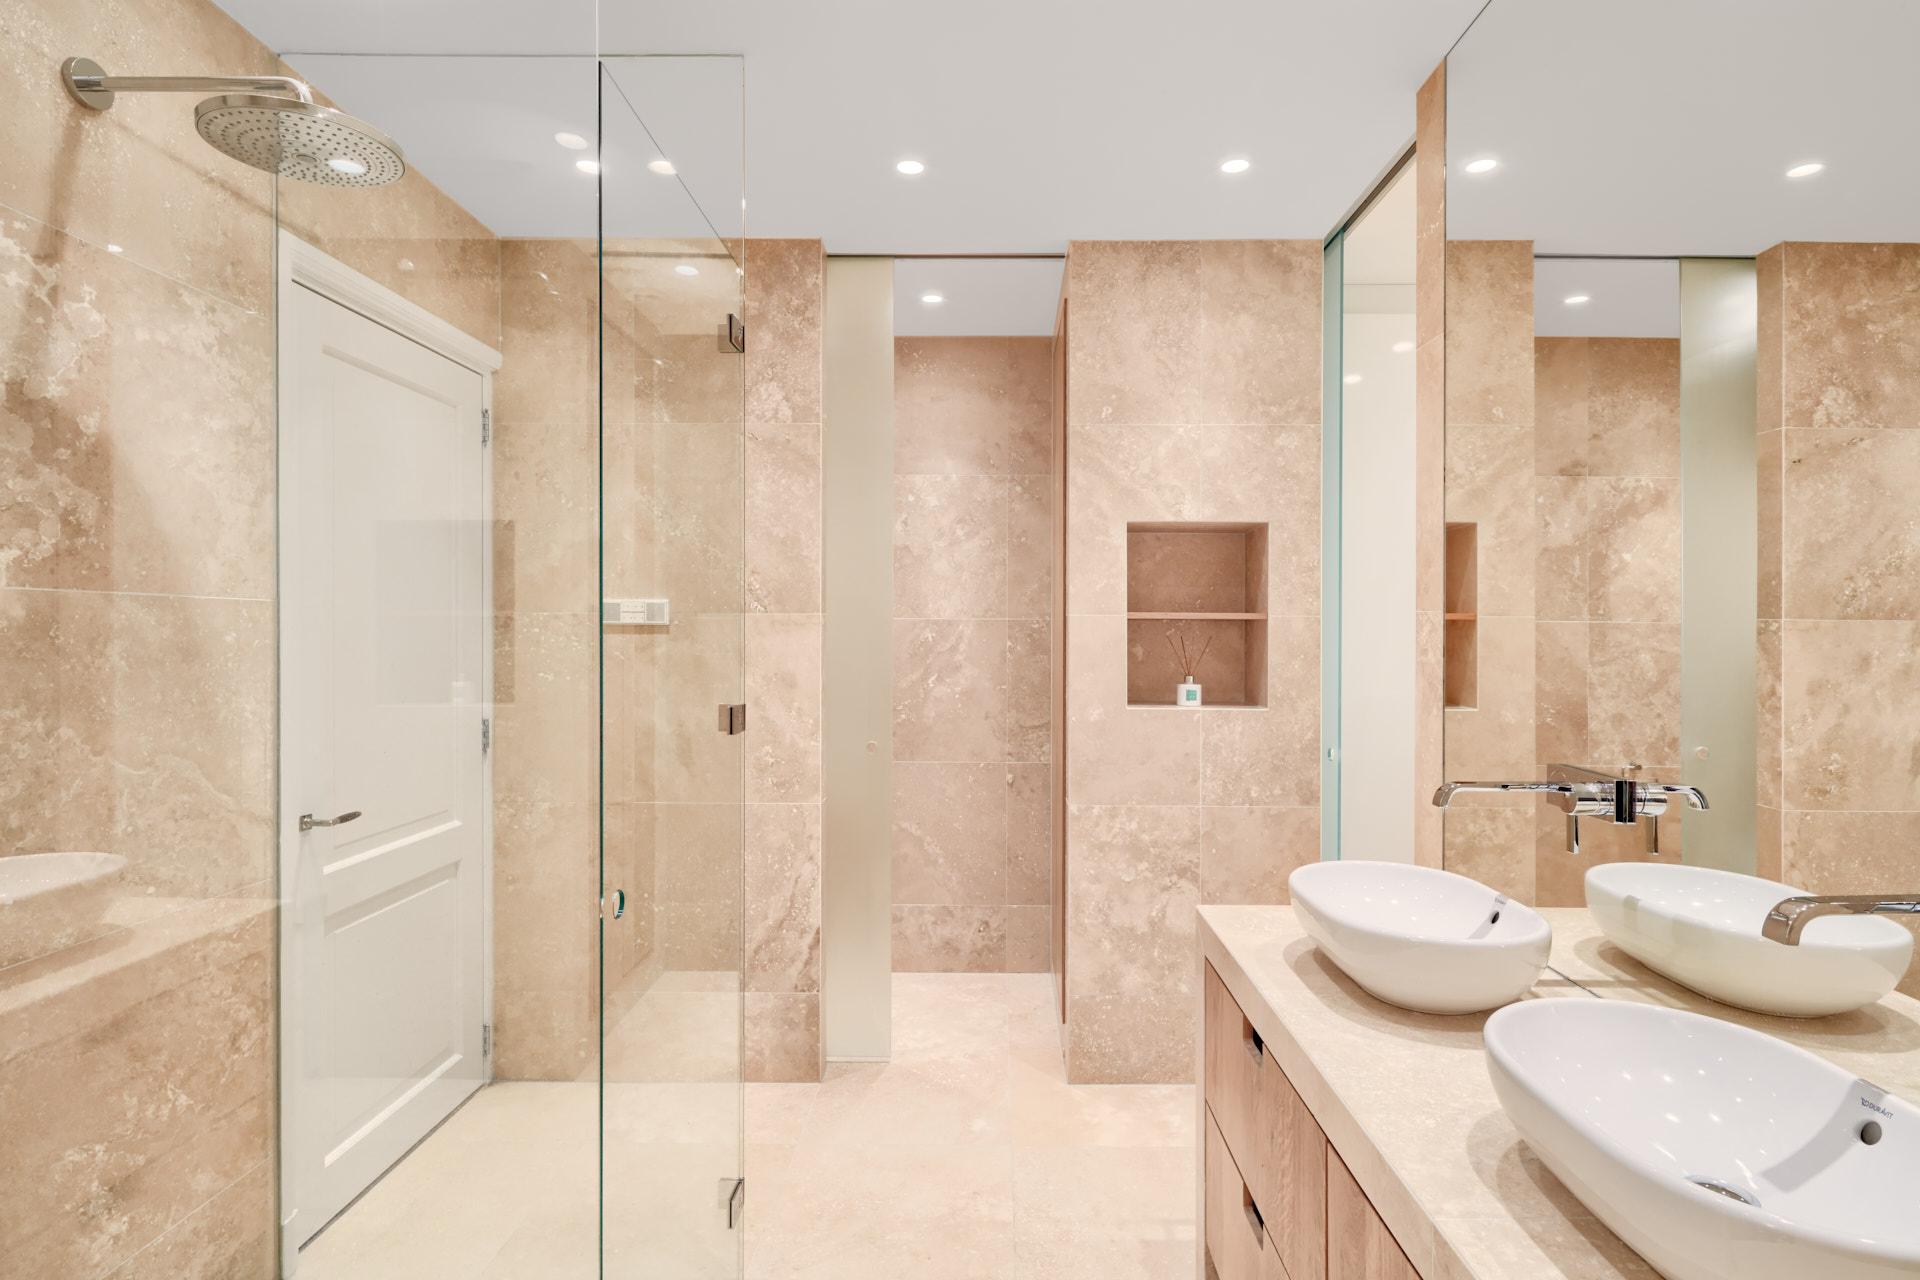 Moderne badkamer gemaakt van natuursteen door architect uit amsterdam Maxim Winkelaar.